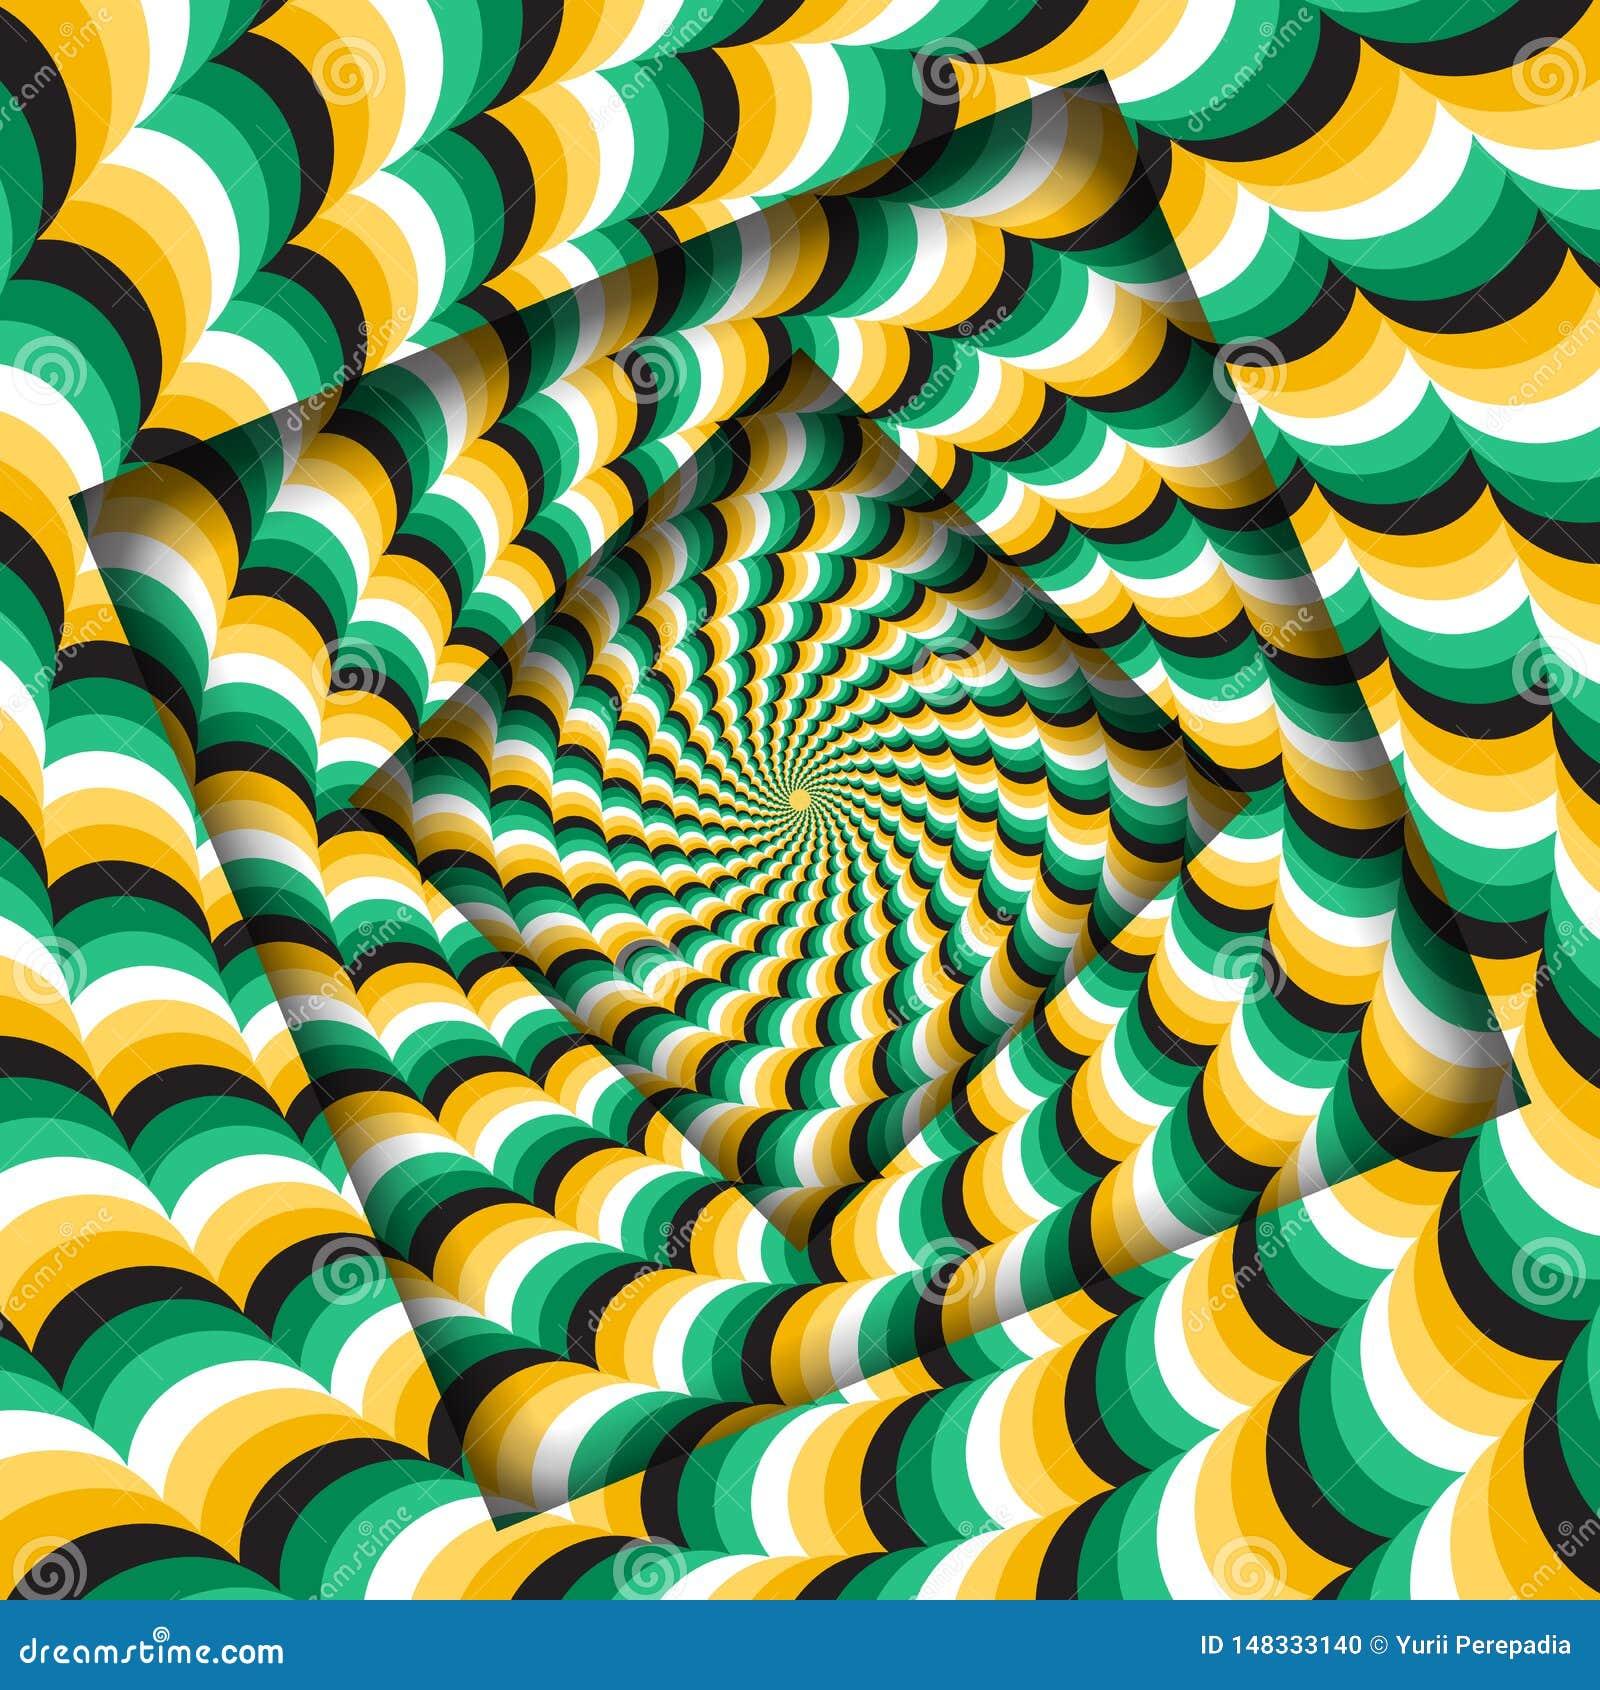 Samenvatting gedraaide kaders met een roterend groen geel golvend patroon De Achtergrond van de optische illusie